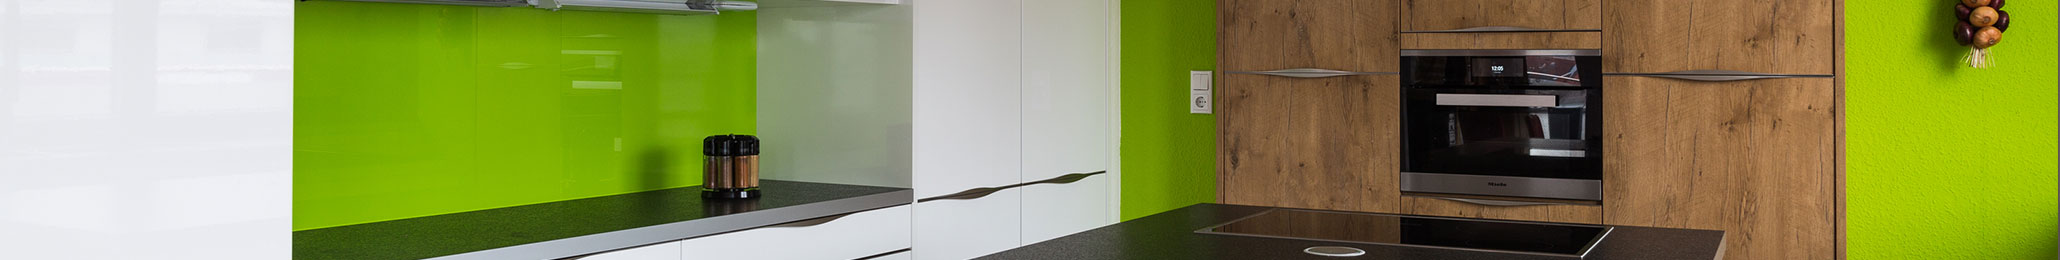 Unsichtbarer Stauraum Kochinsel und Speisekammer - by KIEPPE-Küchenkonzept aus Arnstadt